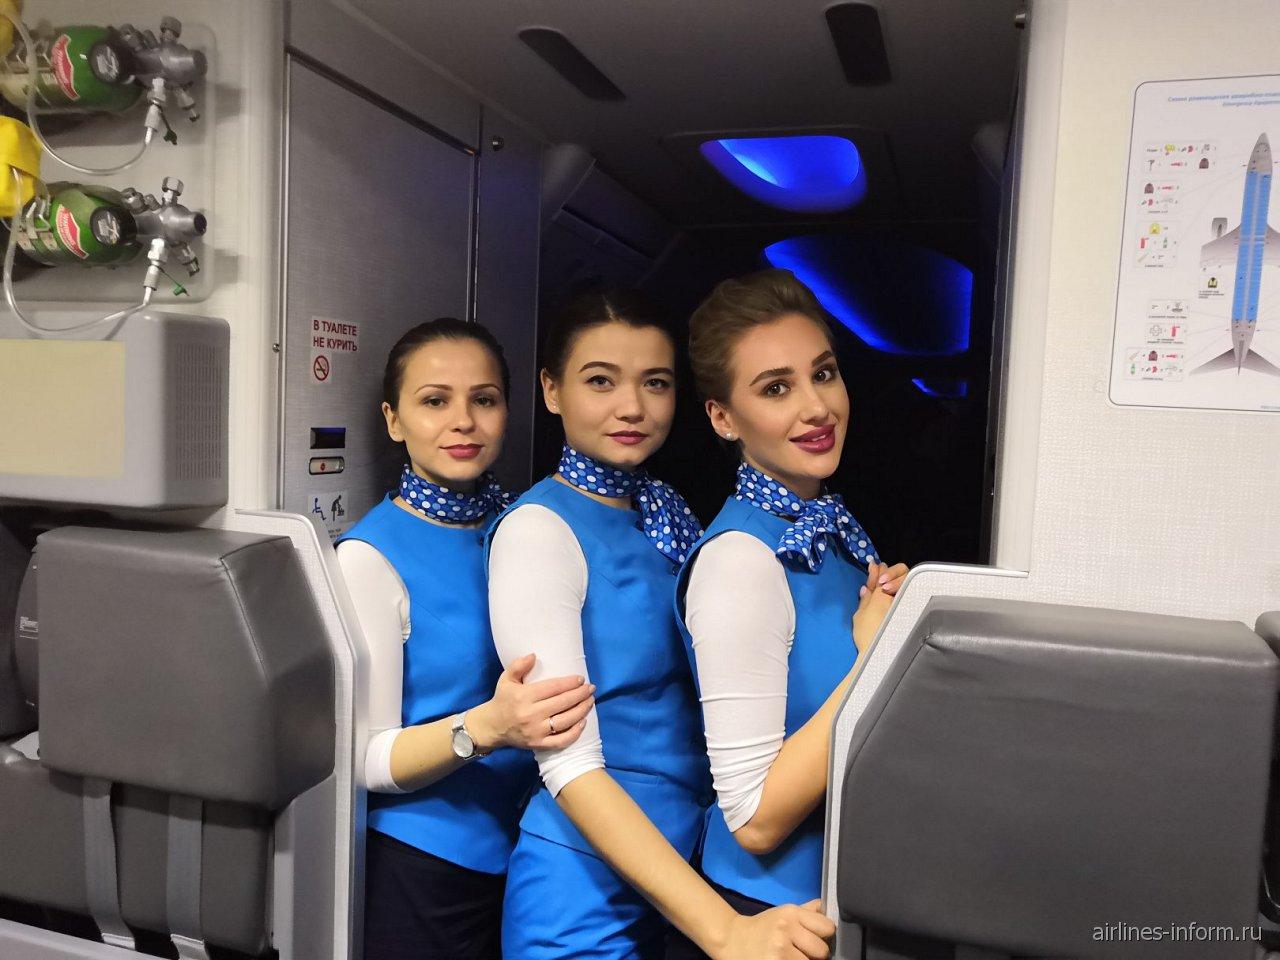 Бортпроводницы авиакомпании